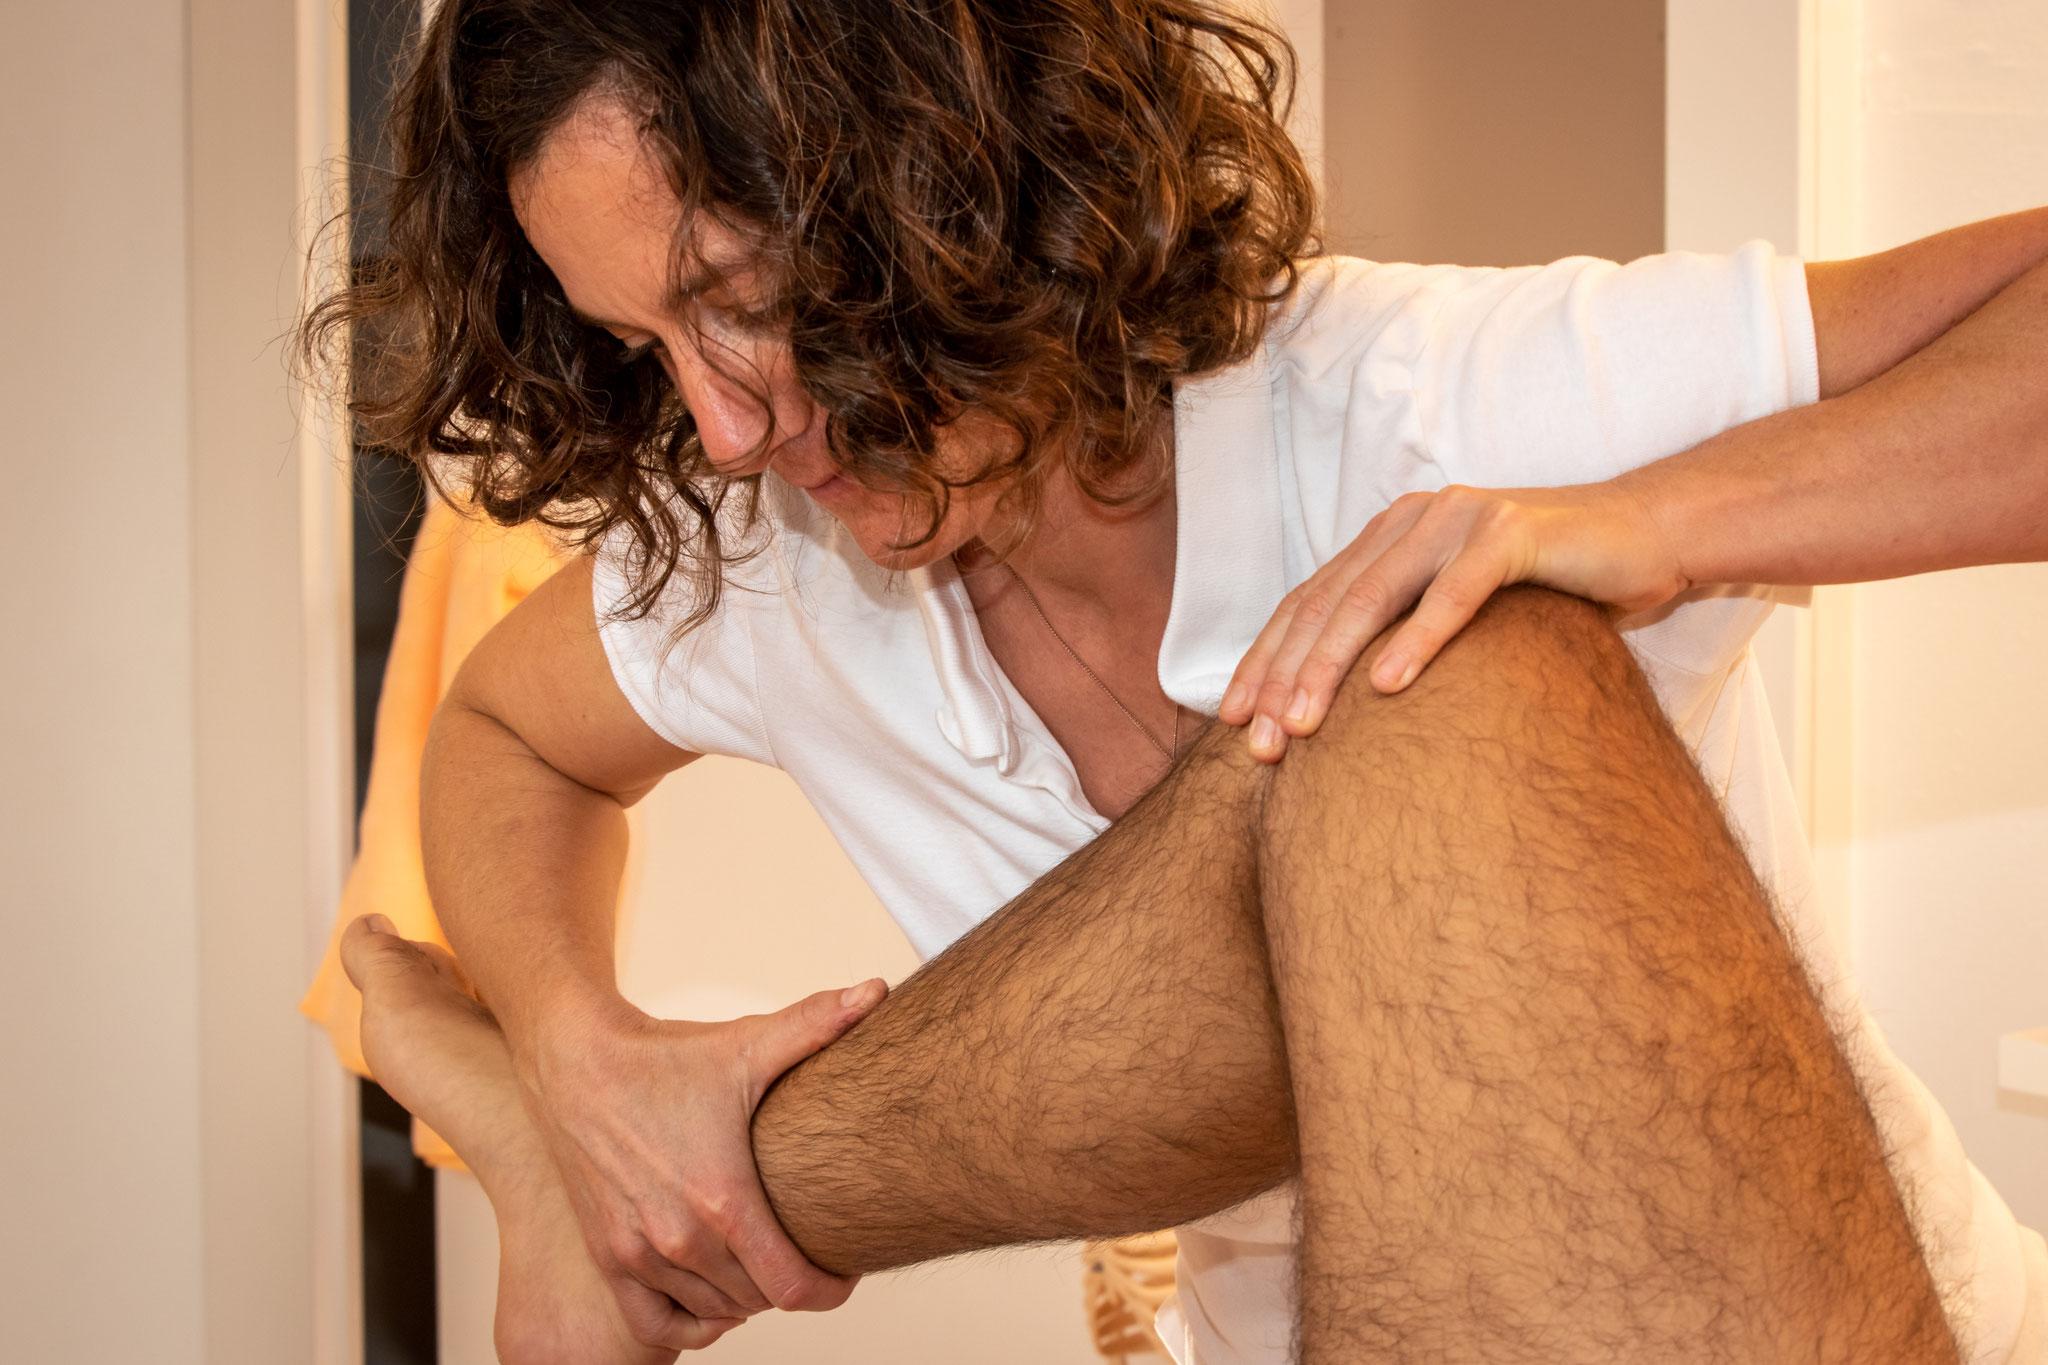 Beinlänge kontrollieren